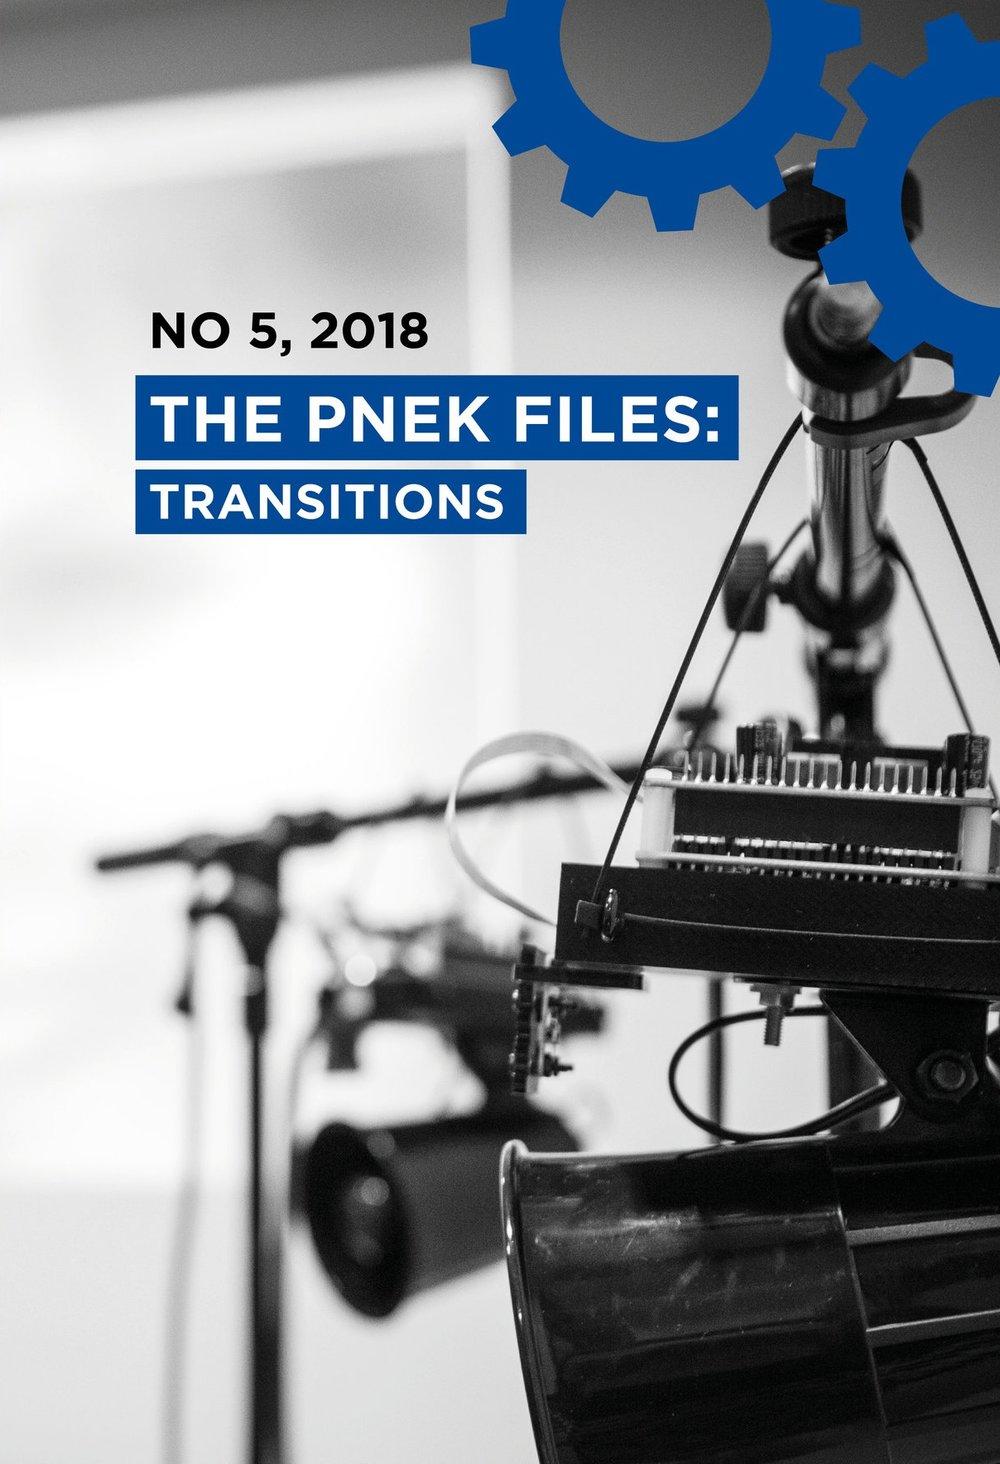 The PNEK Files (No 5): Transitions (upcoming)  Gyrid Nordal Kaldestad, Zane Cerpina (eds.). PNEK, 2019. ISBN:  978-82-93658-06-1